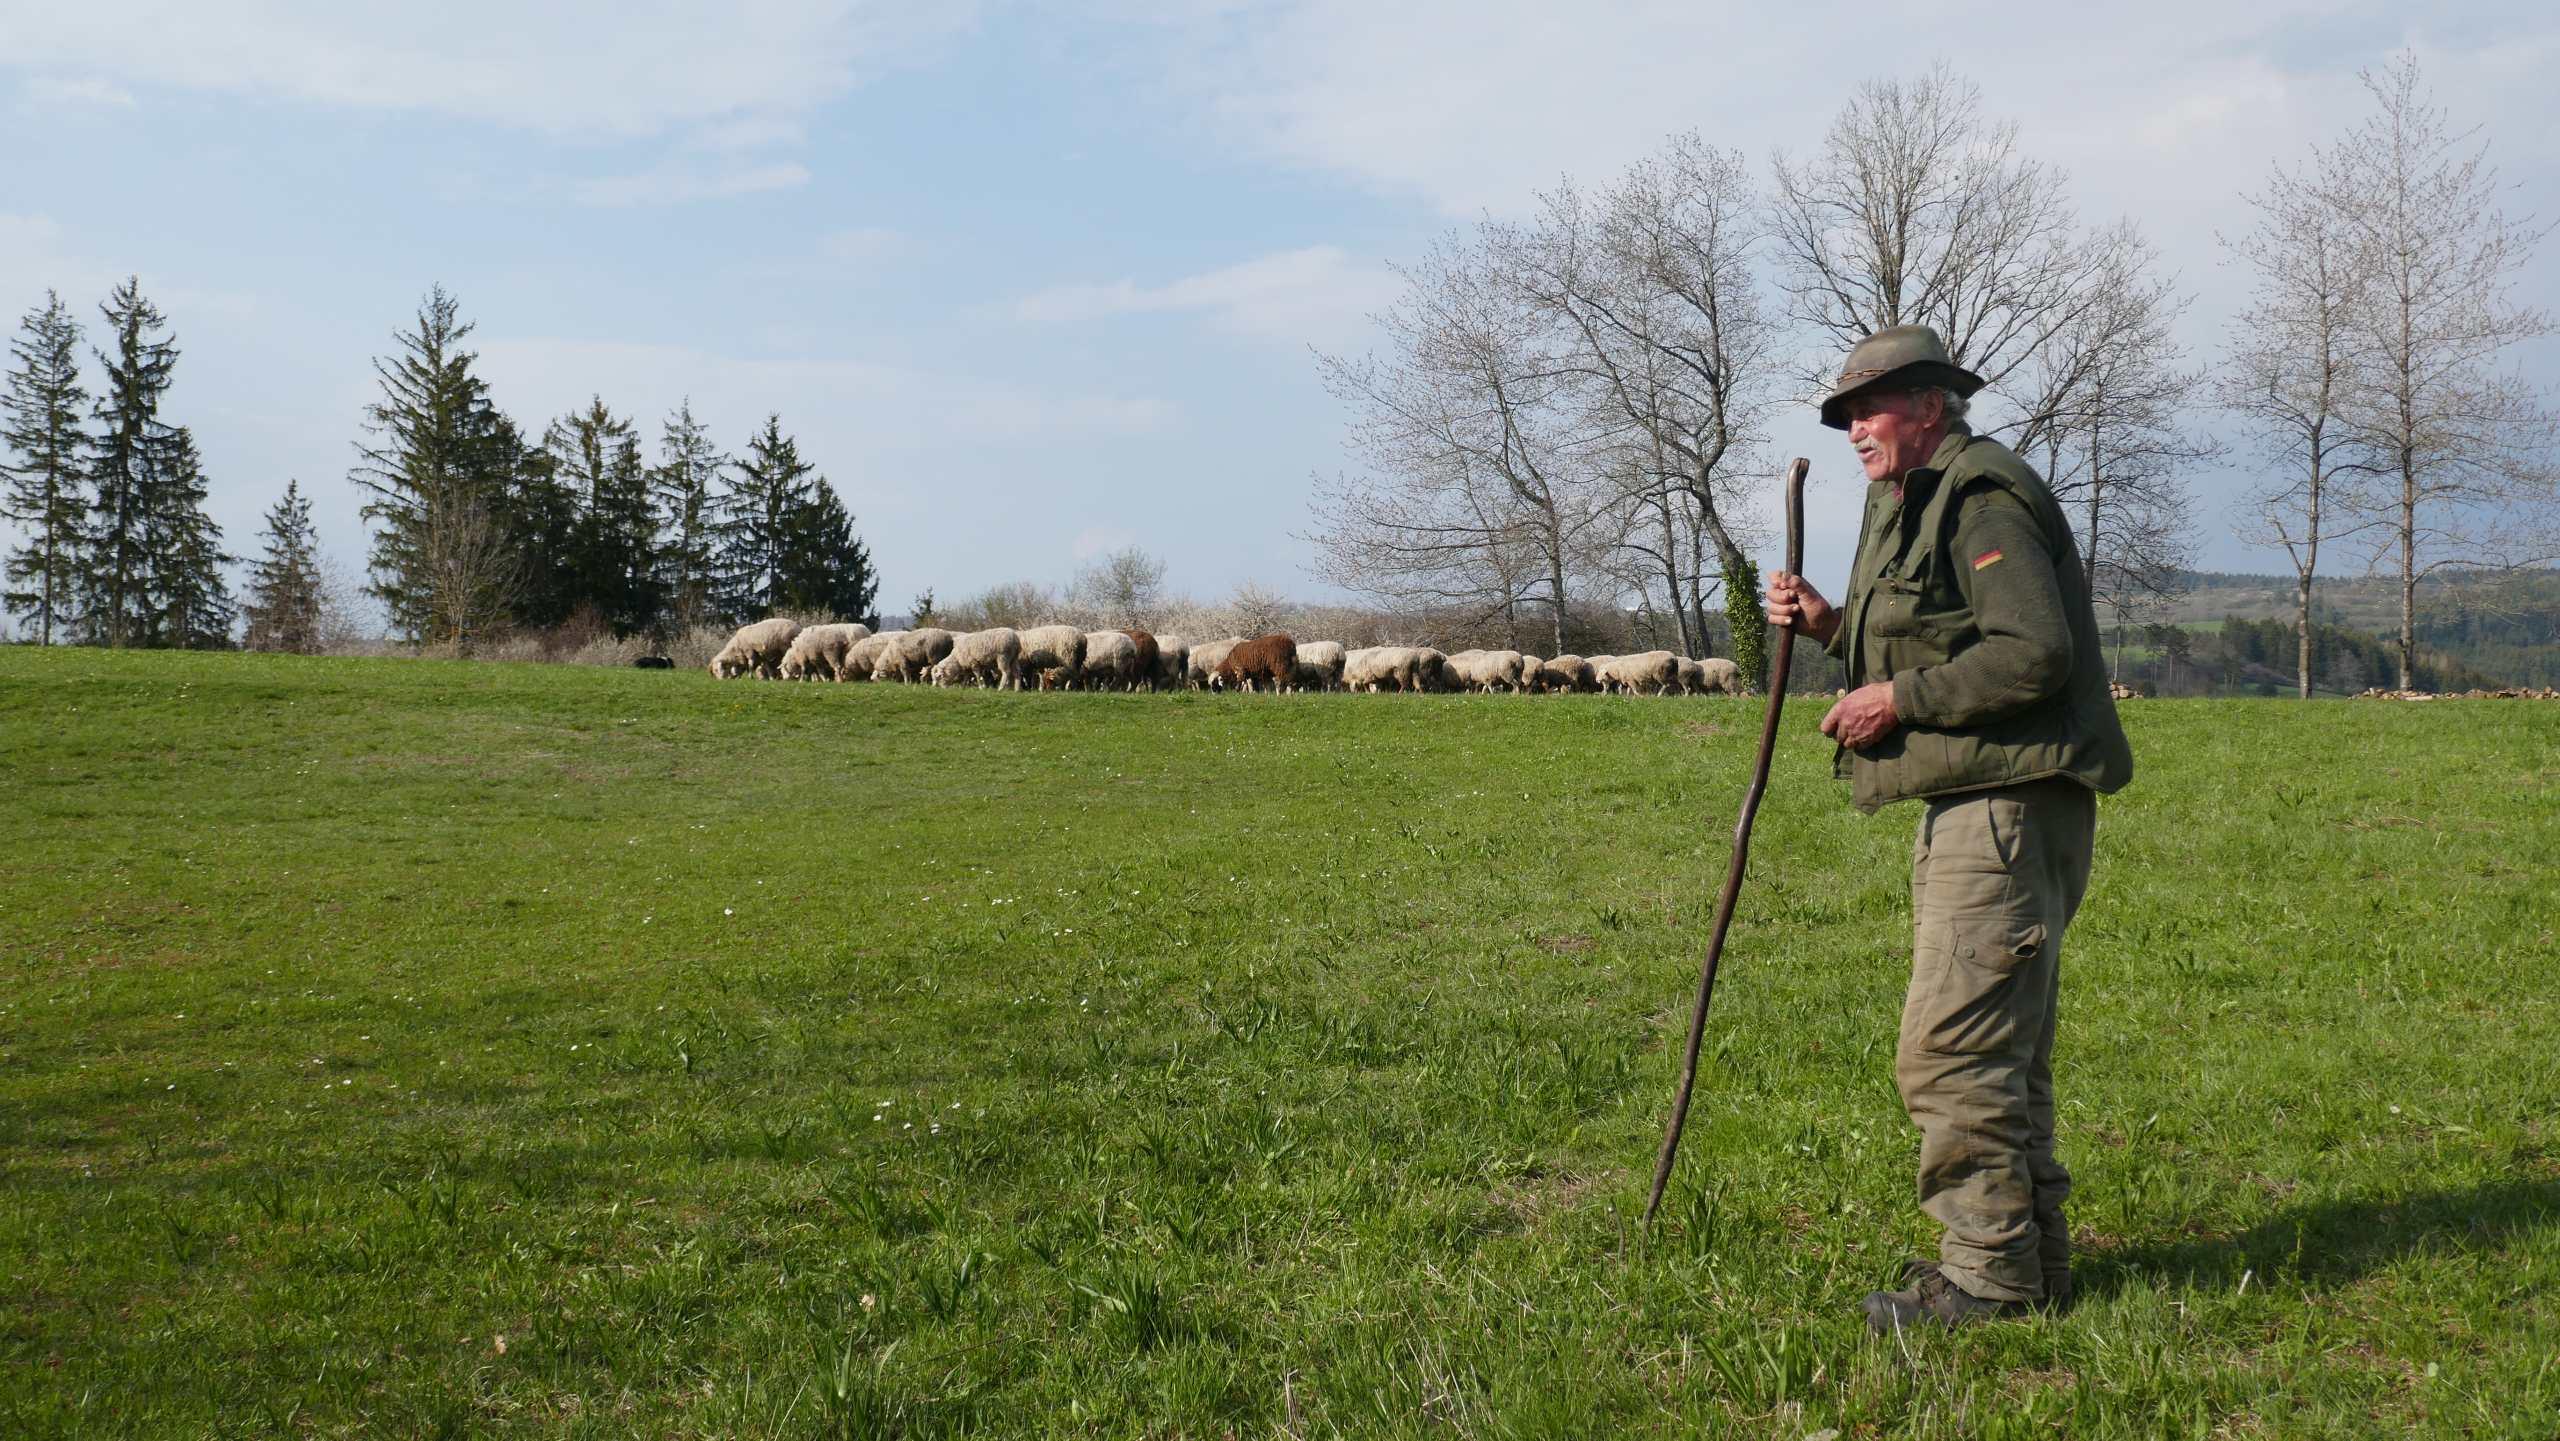 Schäfer, leicht gebeugt über seinem Stock, im Hintergrund seine Schafe